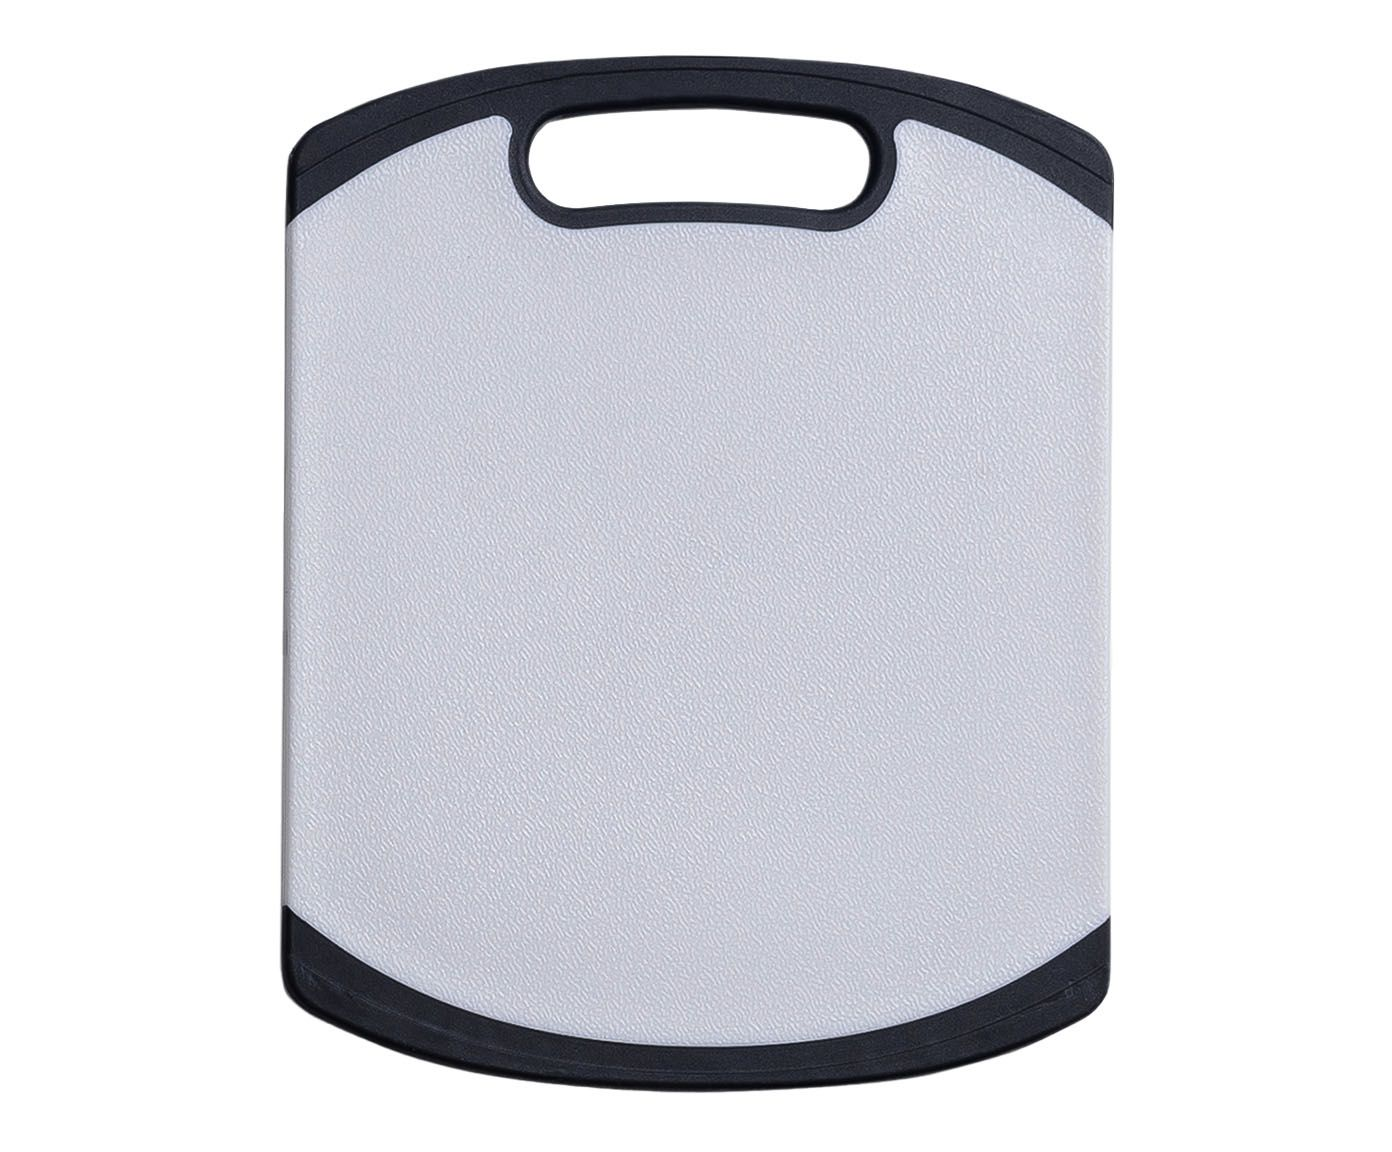 Tábua de Corte Cordial Preta - 25,5X0,8X20,4cm   Westwing.com.br